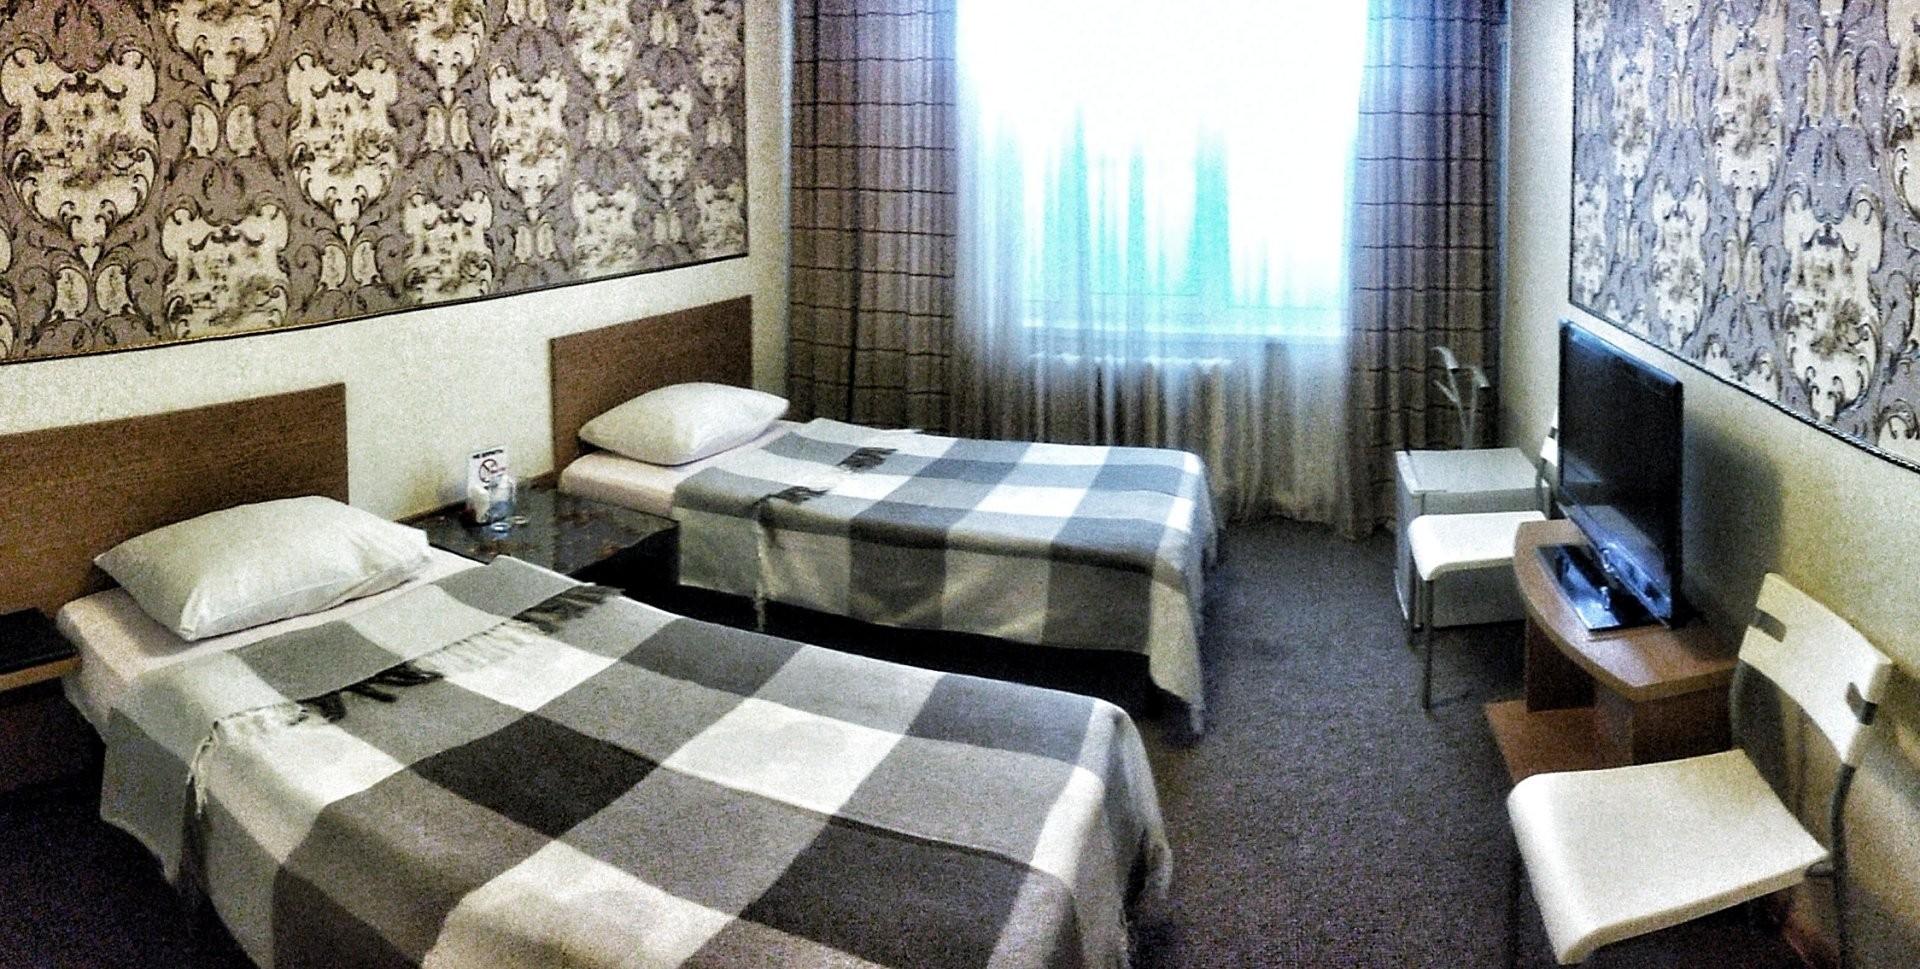 Мальта, гостиничный комплекс - №22